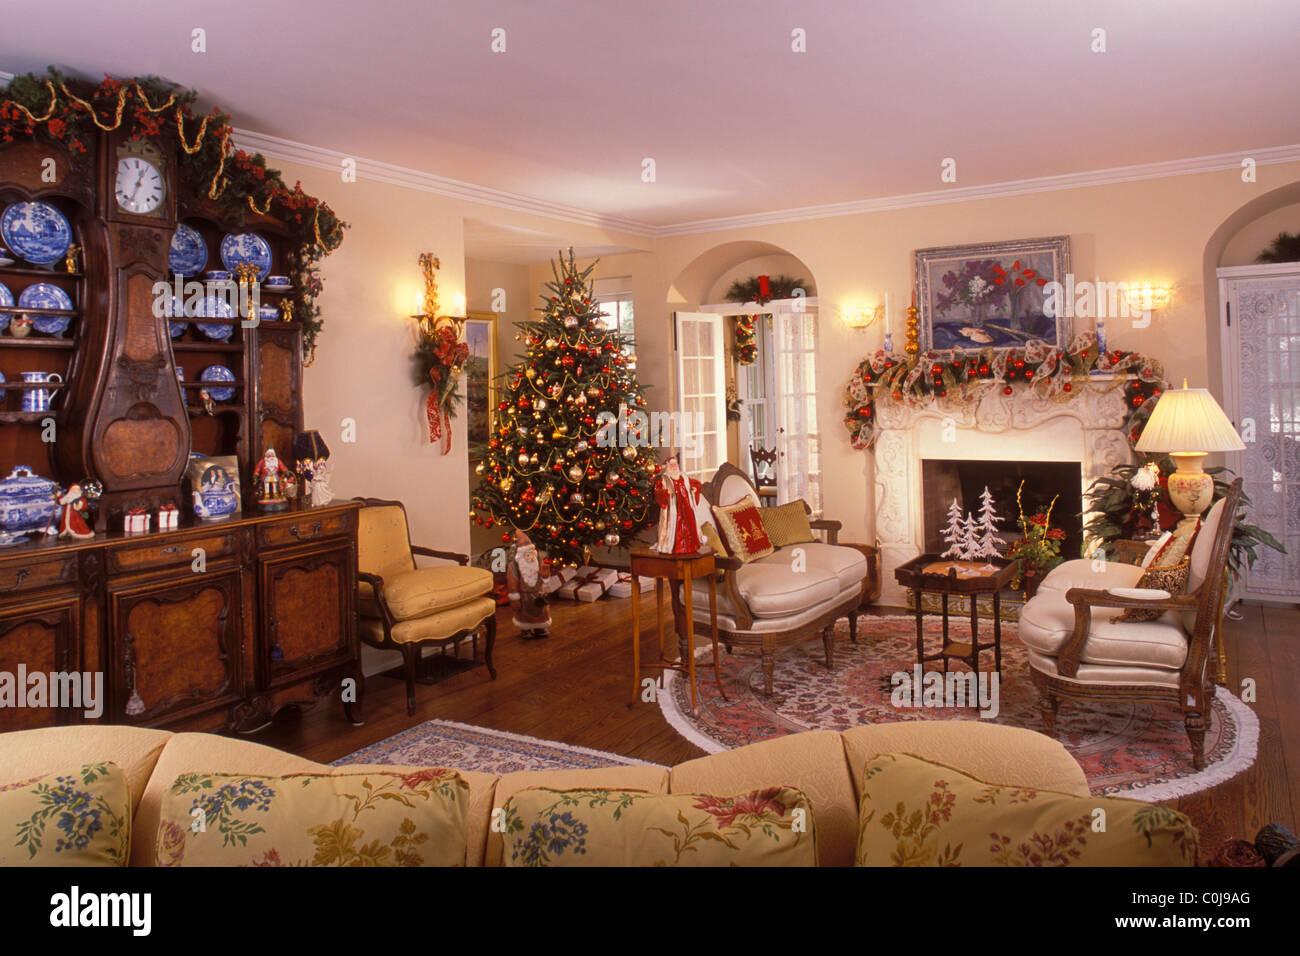 Soggiorno in stile vittoriano decorato a casa per le - Casa stile vittoriano ...